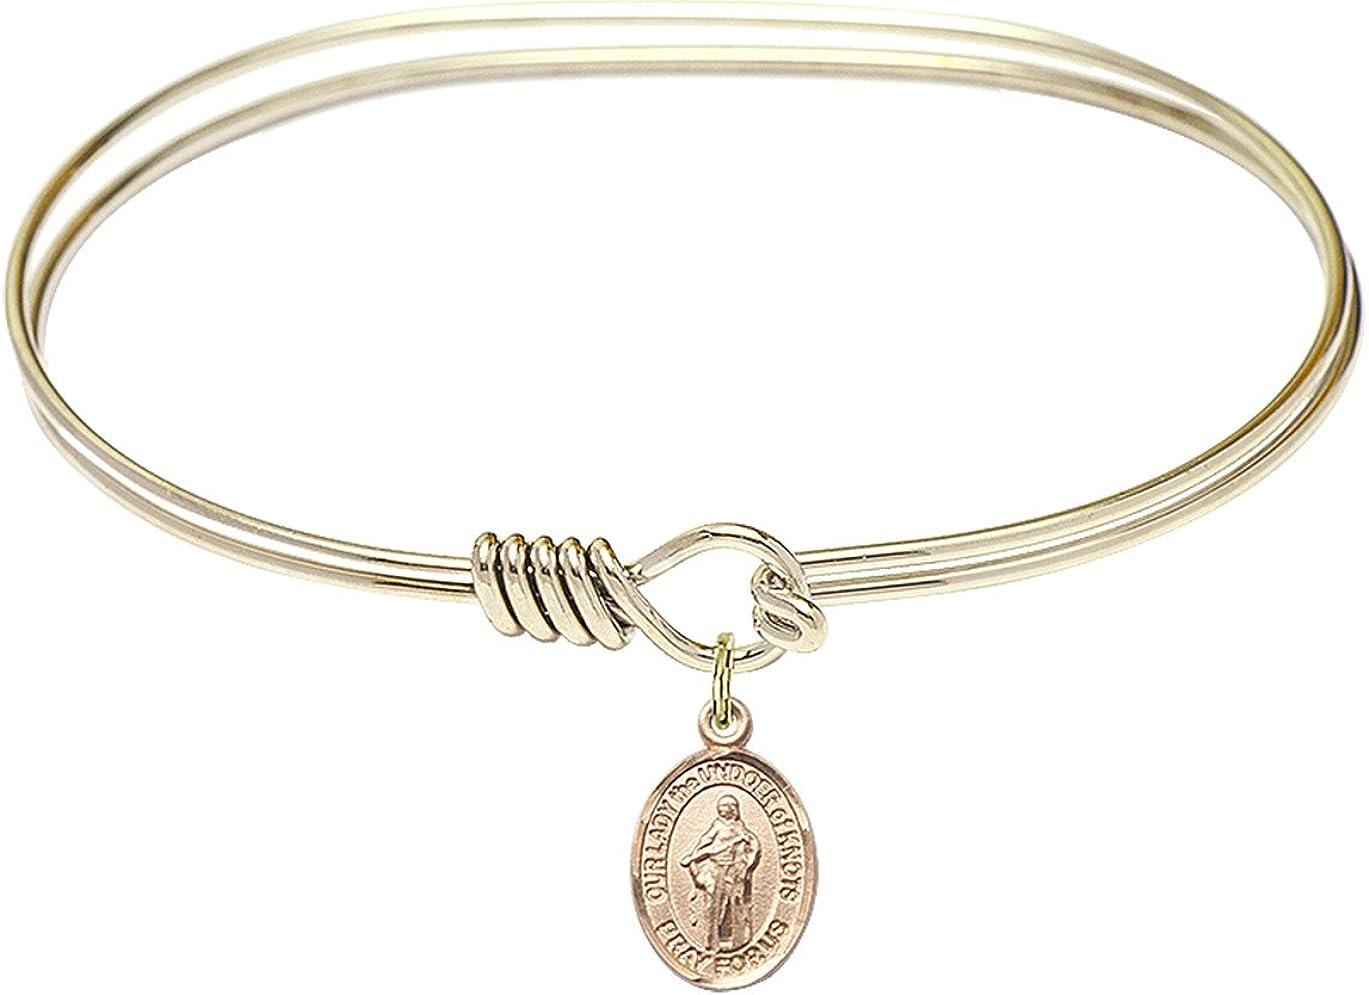 DiamondJewelryNY Eye Hook Bangle Bracelet with a O/L The Undoer of Knots Charm.